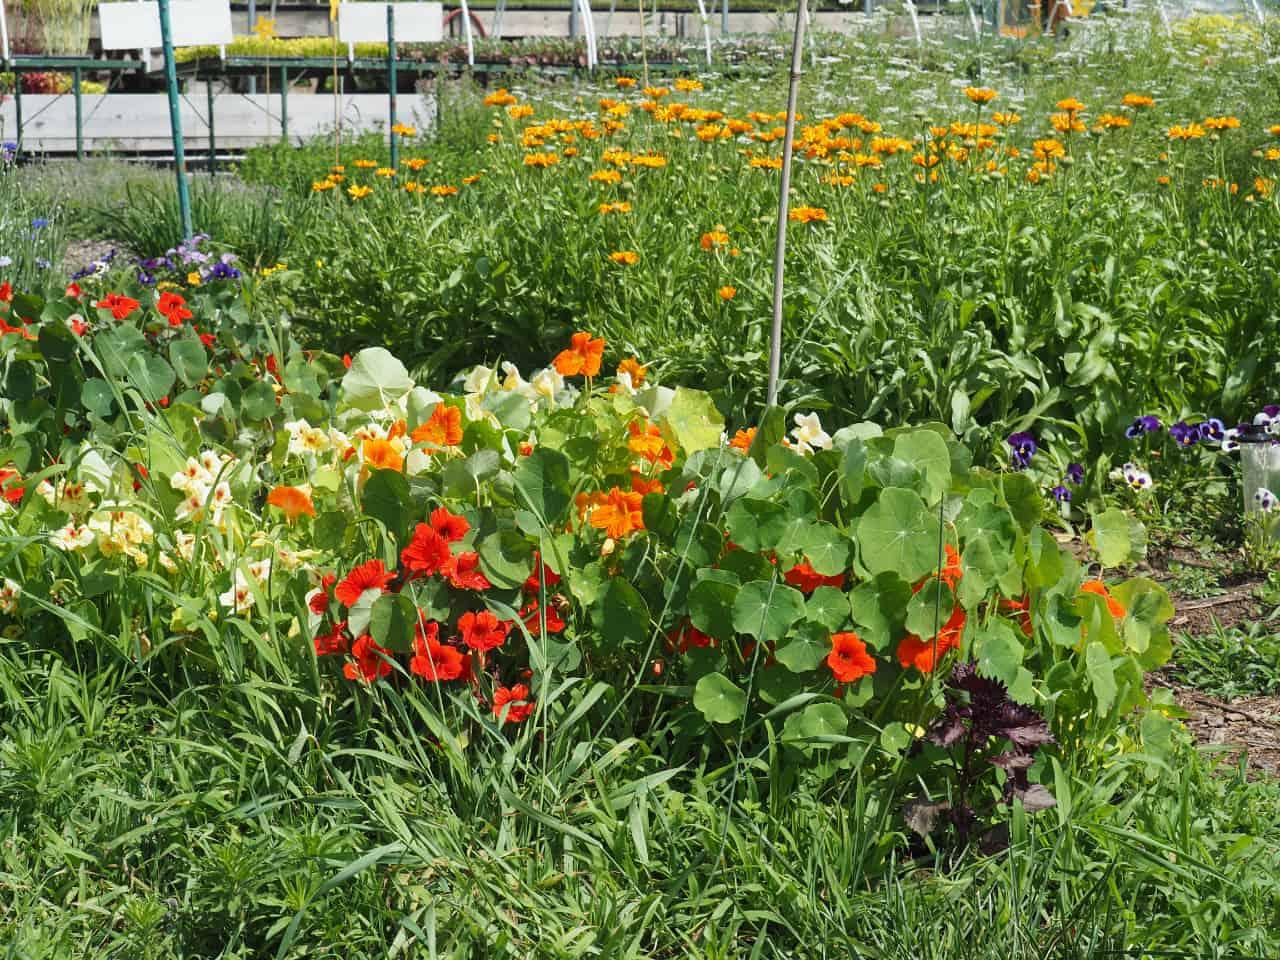 Edible Flowers in Herb Garden